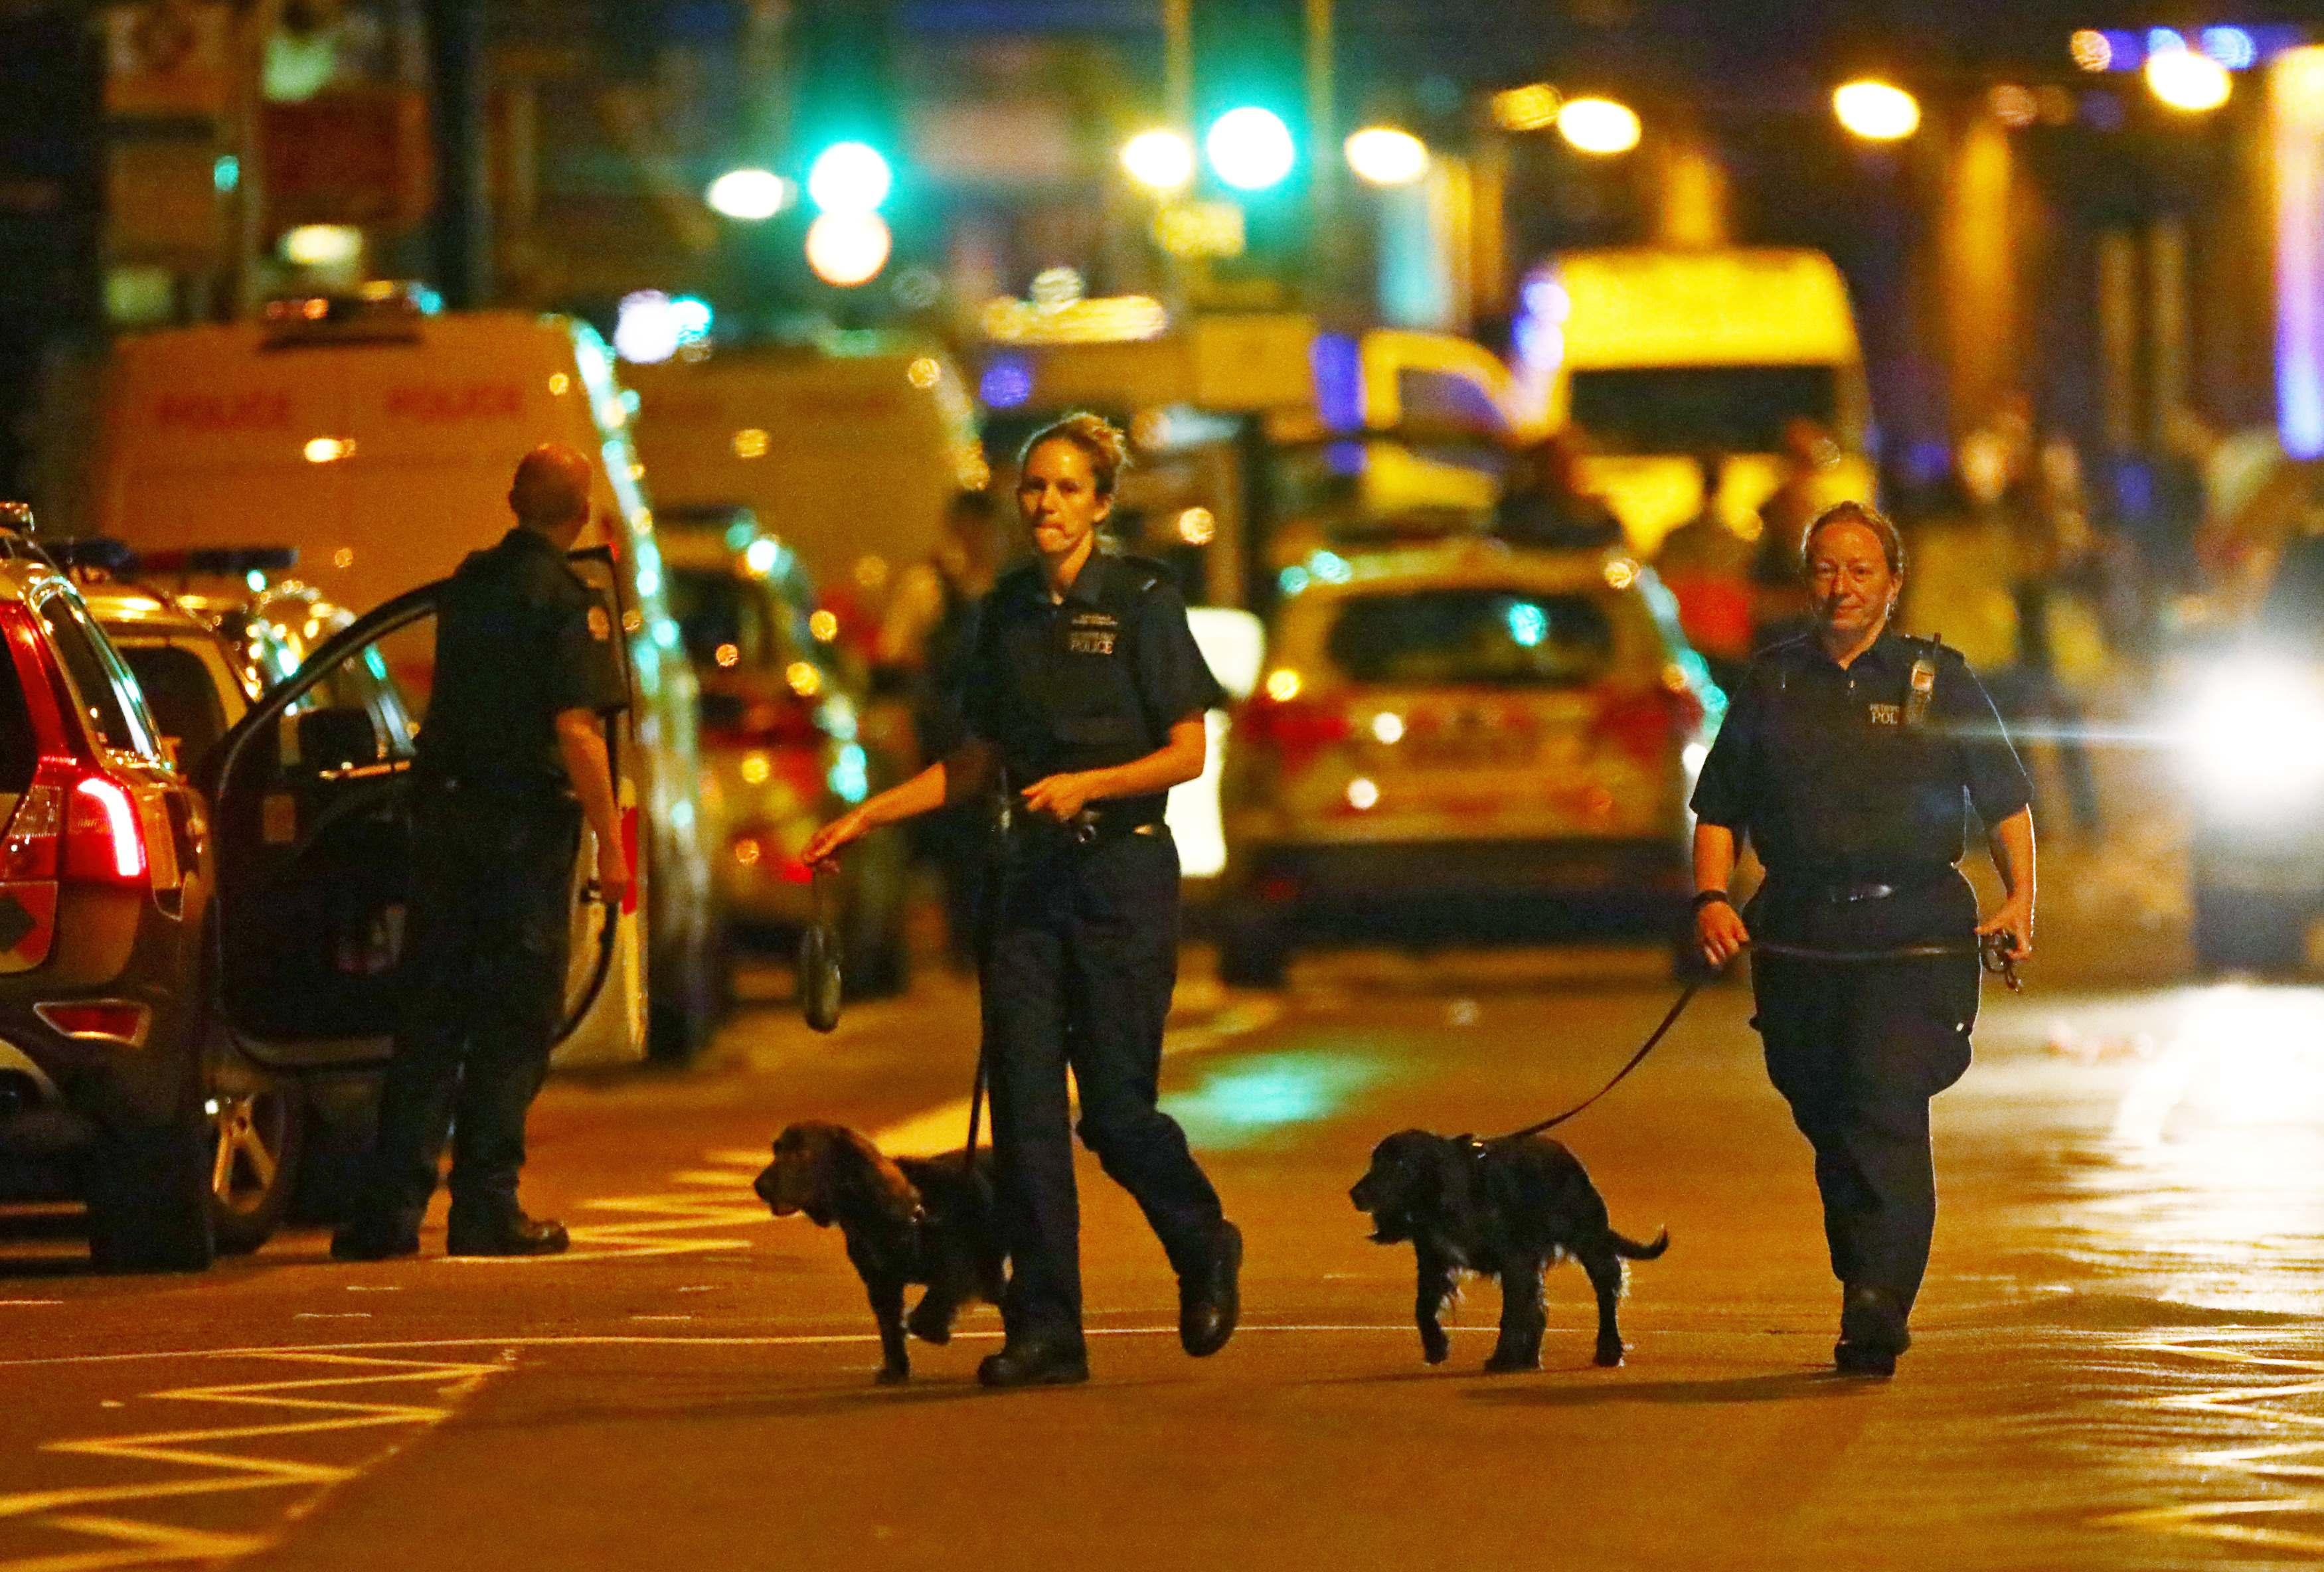 شرطيات بريطانيات بموقع الحادث